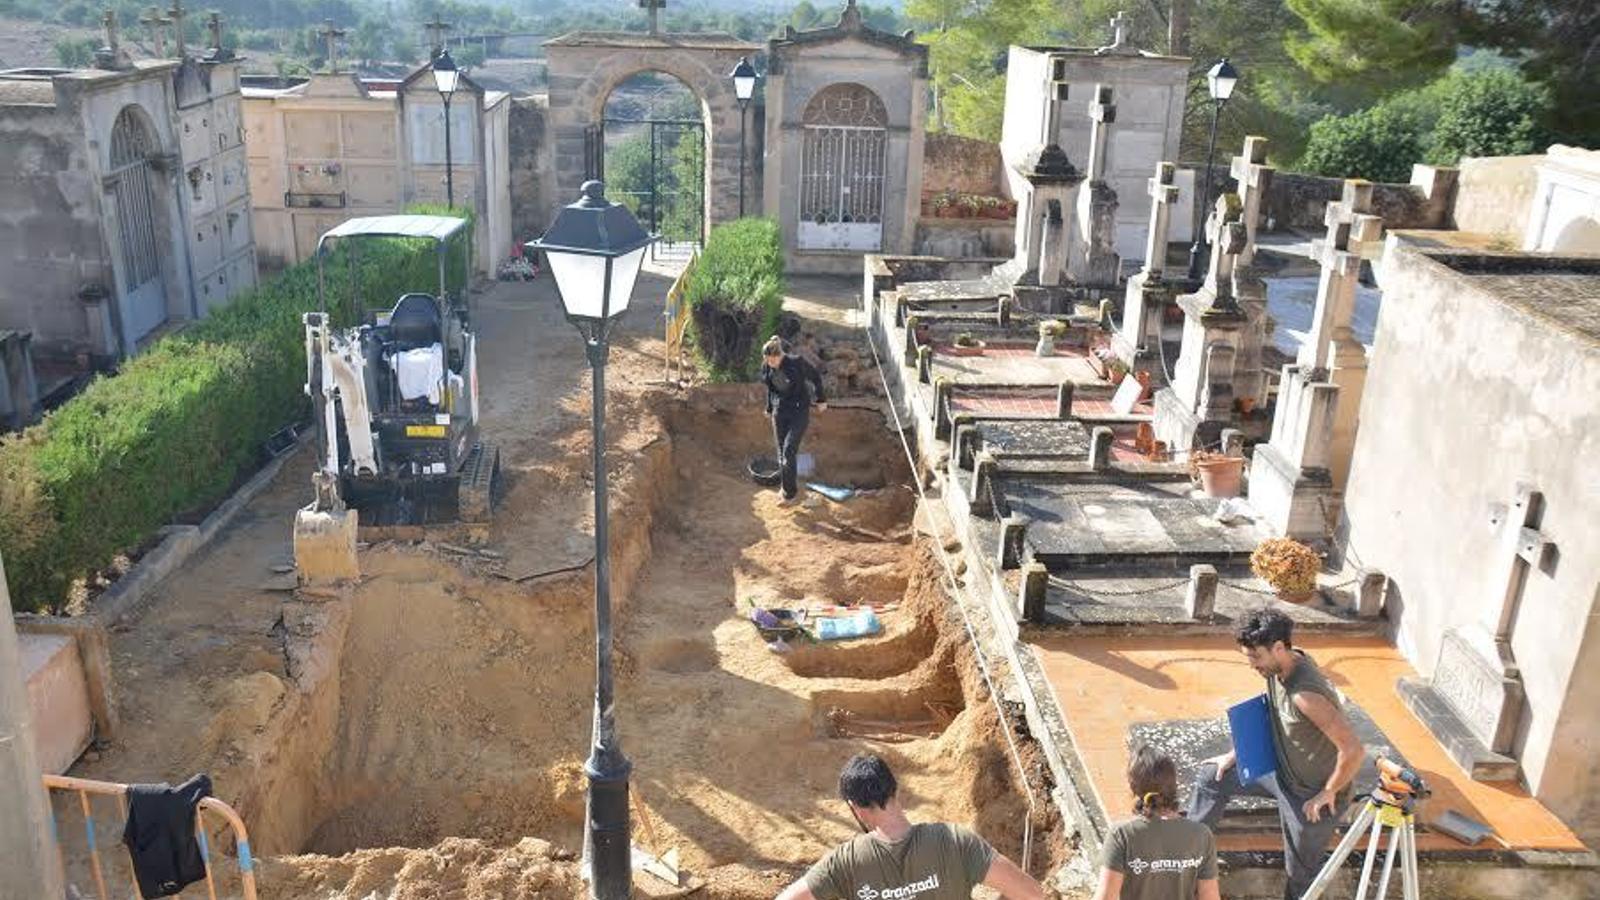 S'han hagut de podar els xiprers i aixecar el sòl on es creu que els diversos cossos estan enterrats.